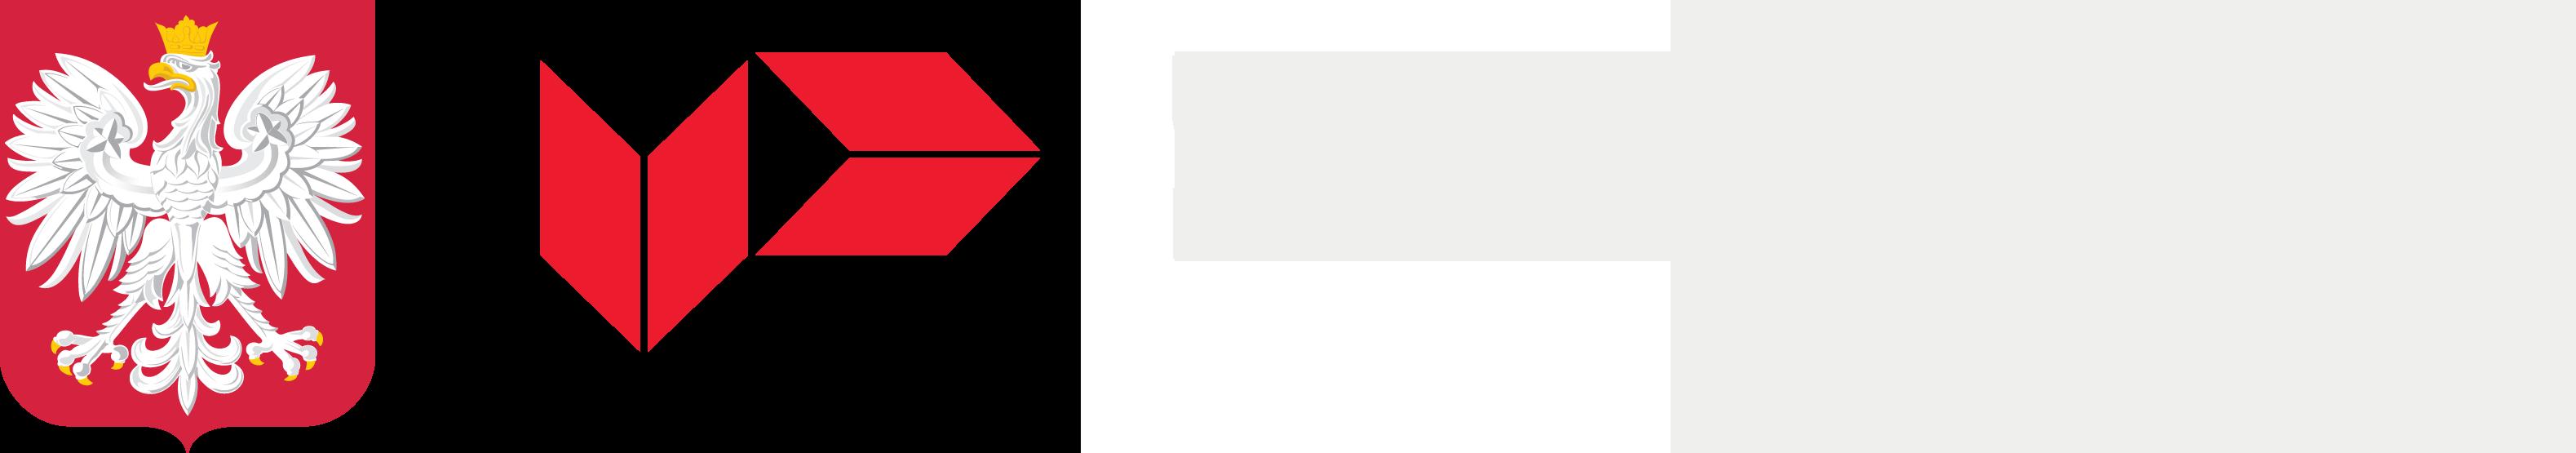 Urząd-Patentowy-Rzeczypospolitej-Polskiej-godło-i-logotyp_0